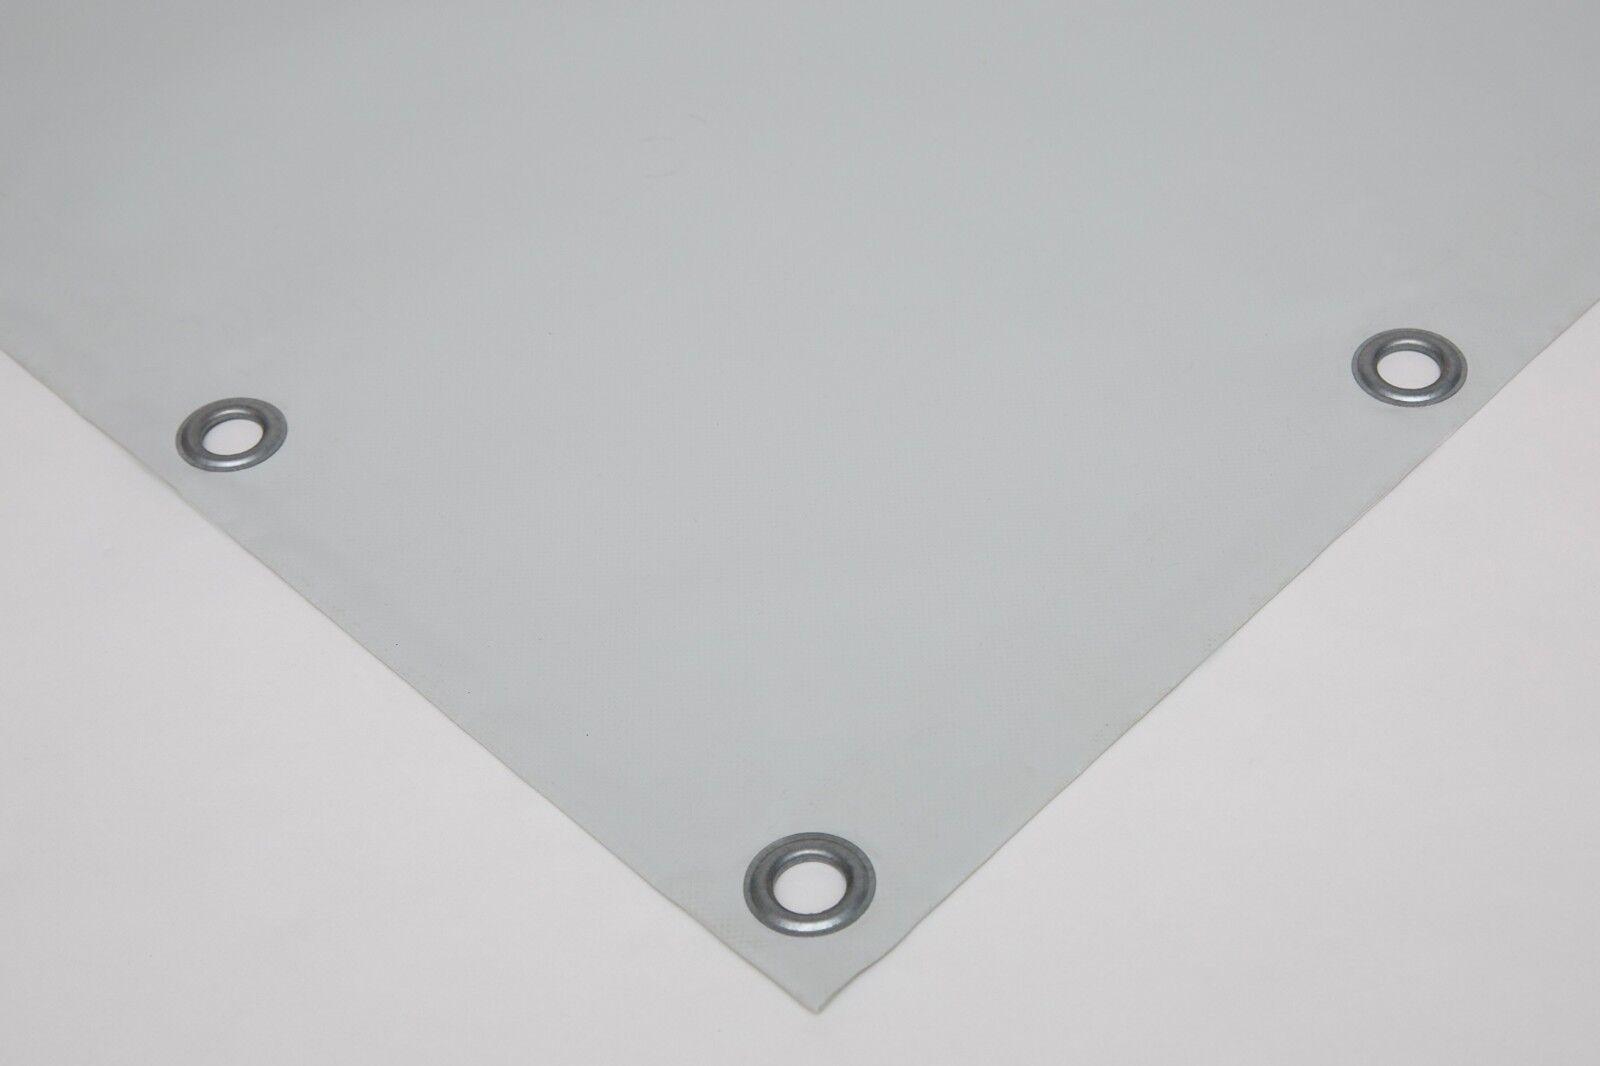 (1,4m - 1,5m) LKW Plane PVC - 630g m² m² m² - Windschutz Sichtschutz Zaun Camping Ösen  | Neue Sorten werden eingeführt  79304b